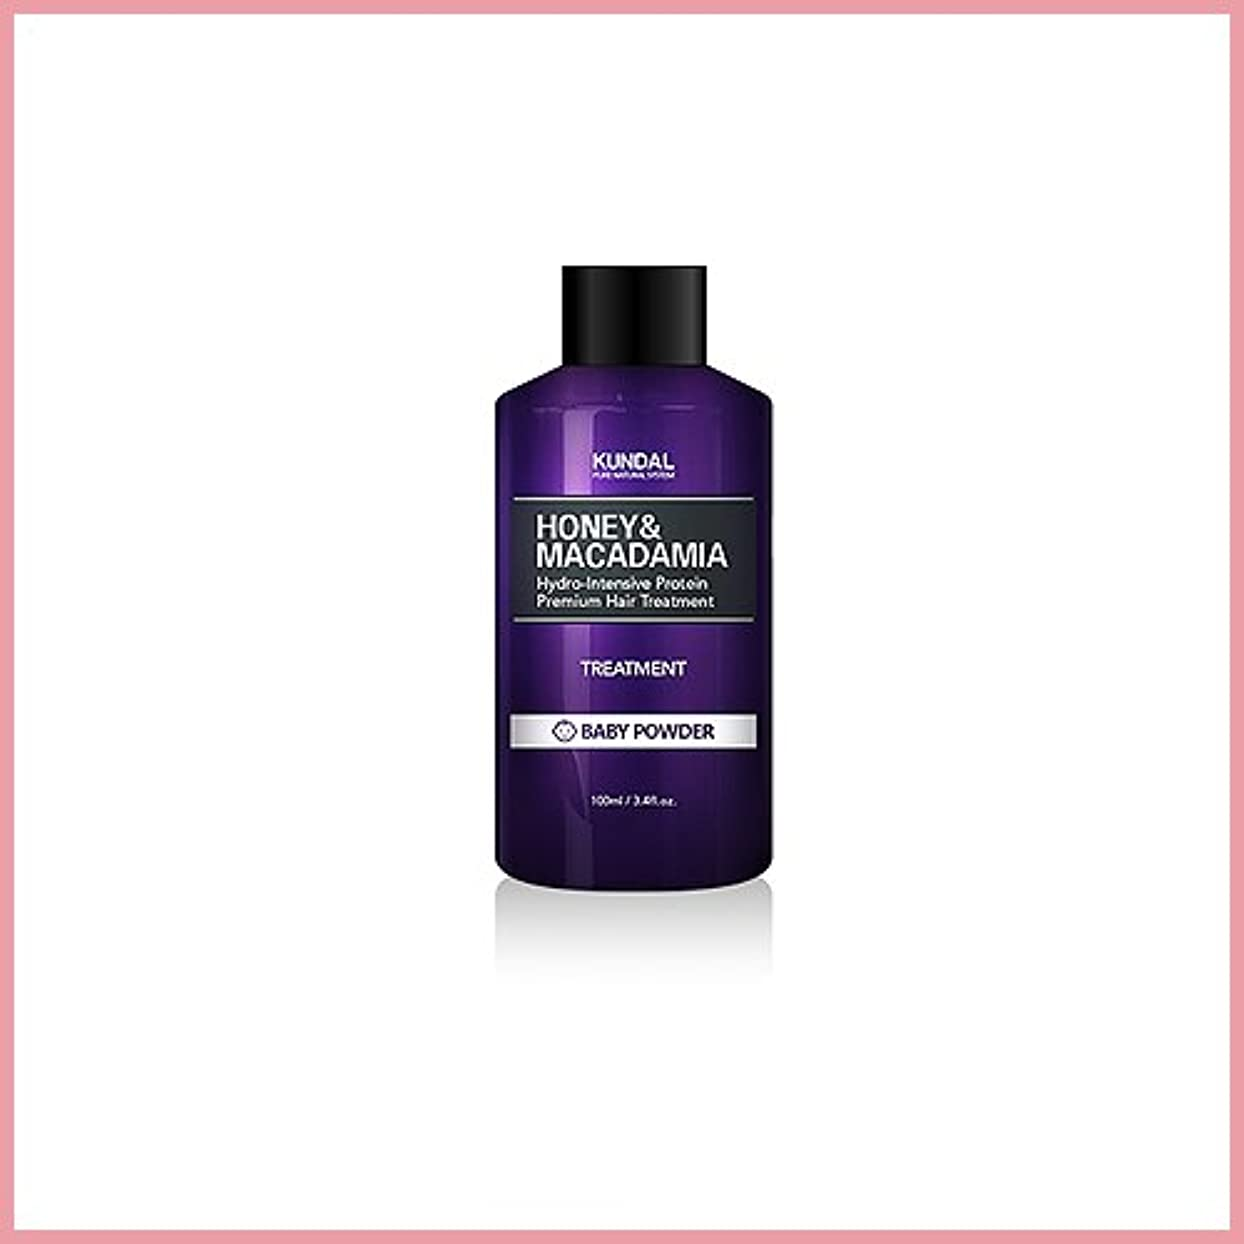 粗い面貧しい[KUNDAL/クンダル] Kundal Premium Hair Treatment 100ml [2017年韓国満足度1位][TTBEAUTY][韓国コスメ]